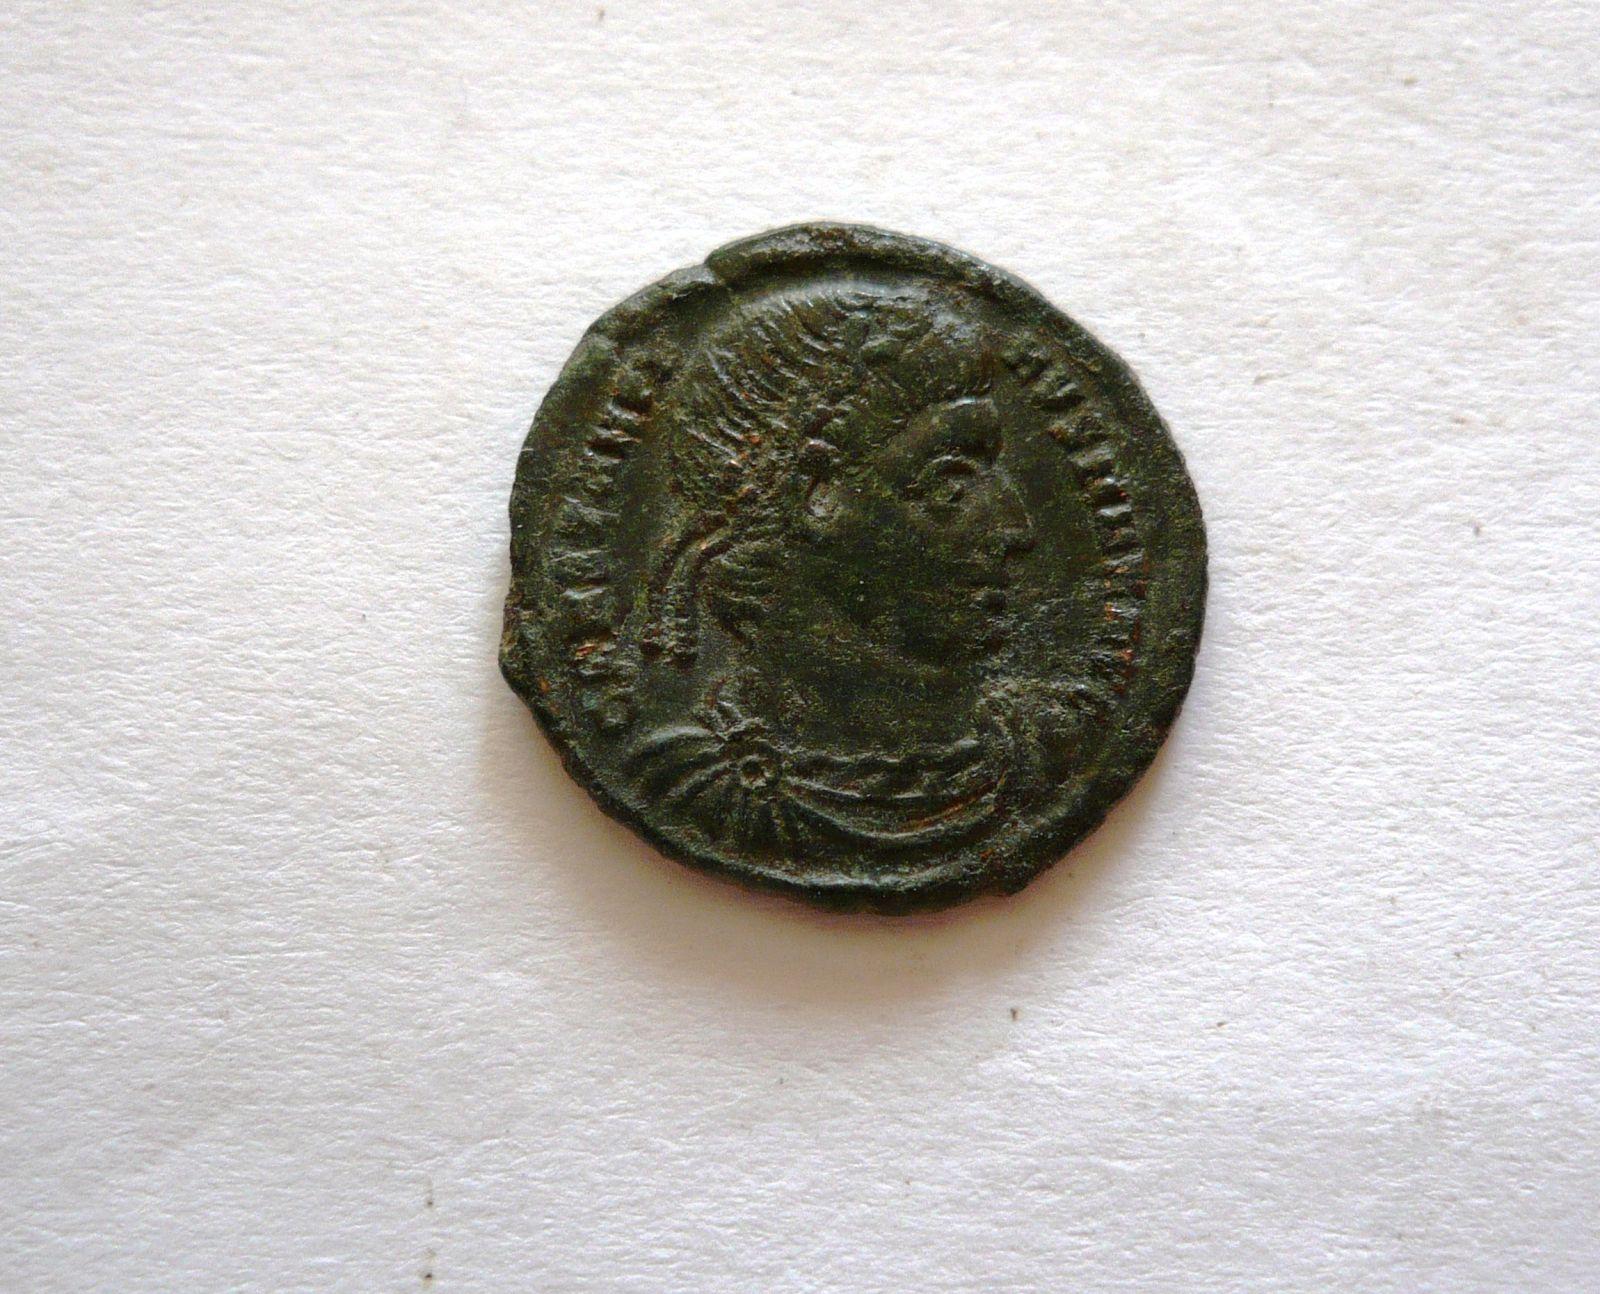 Centenionalis redukovaný, Constantinus I., 2 standarty, 307-372, Řím-císařství